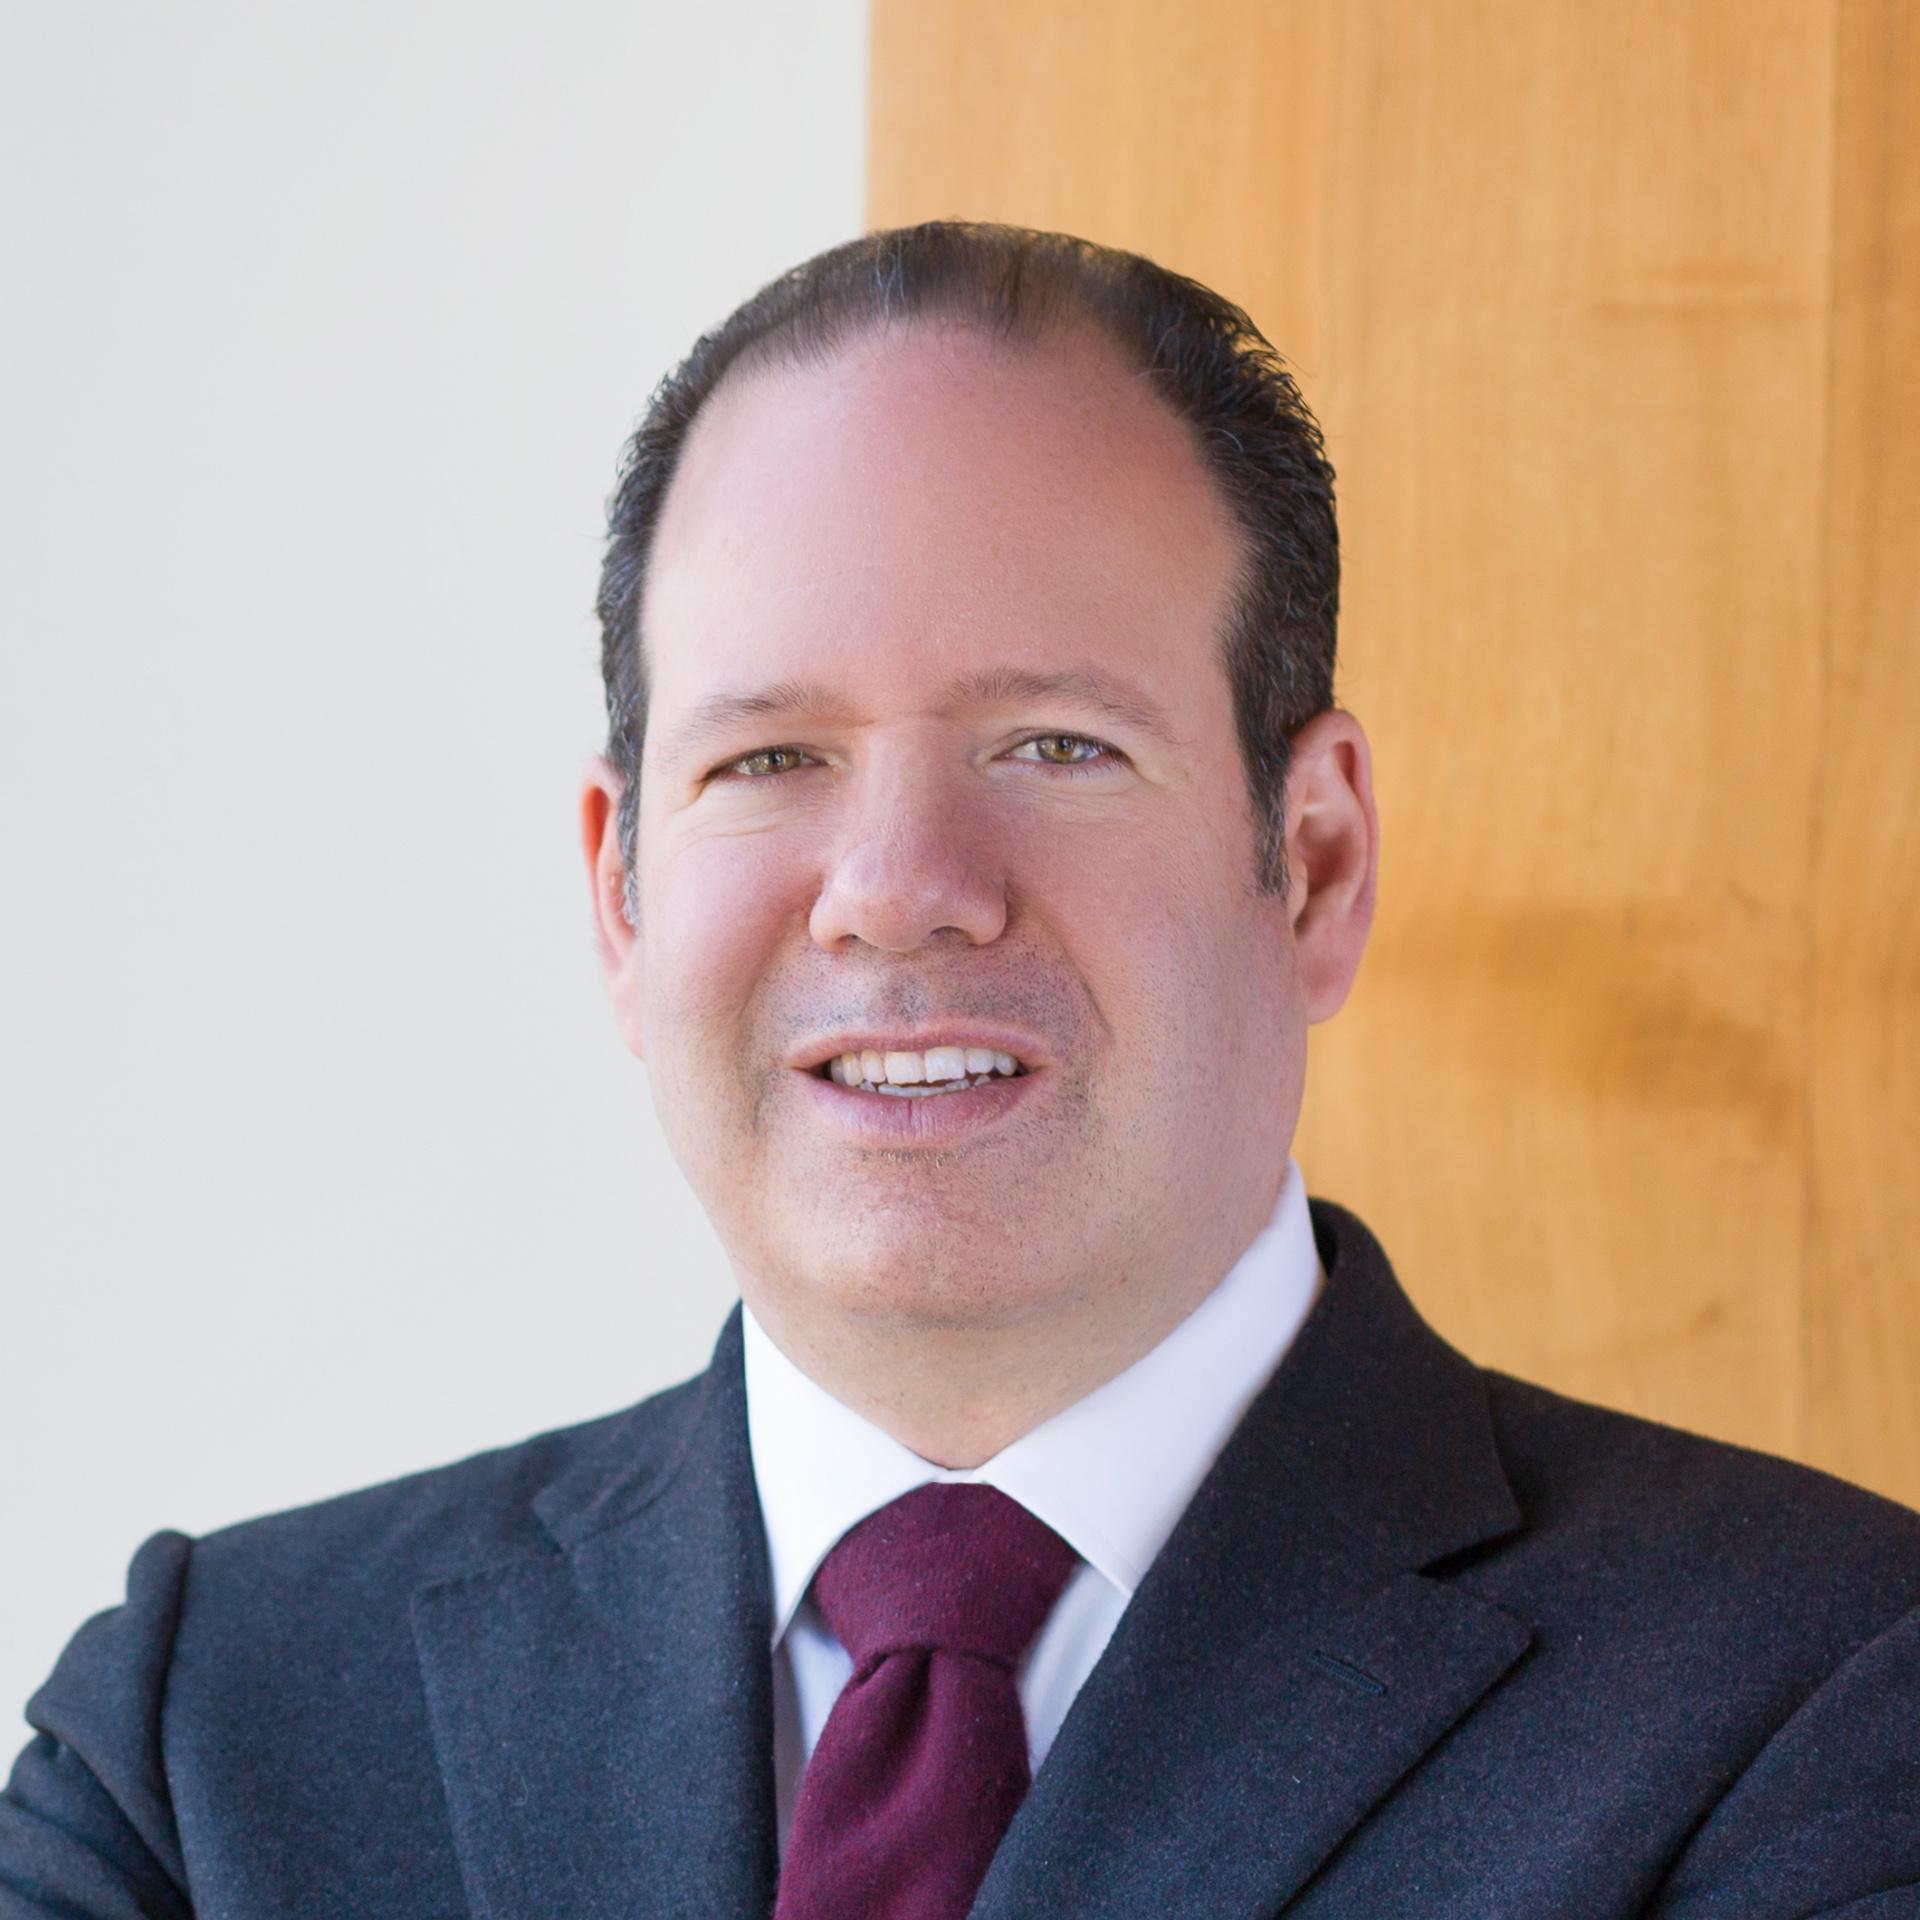 Luis Gerardo Del Valle Torres